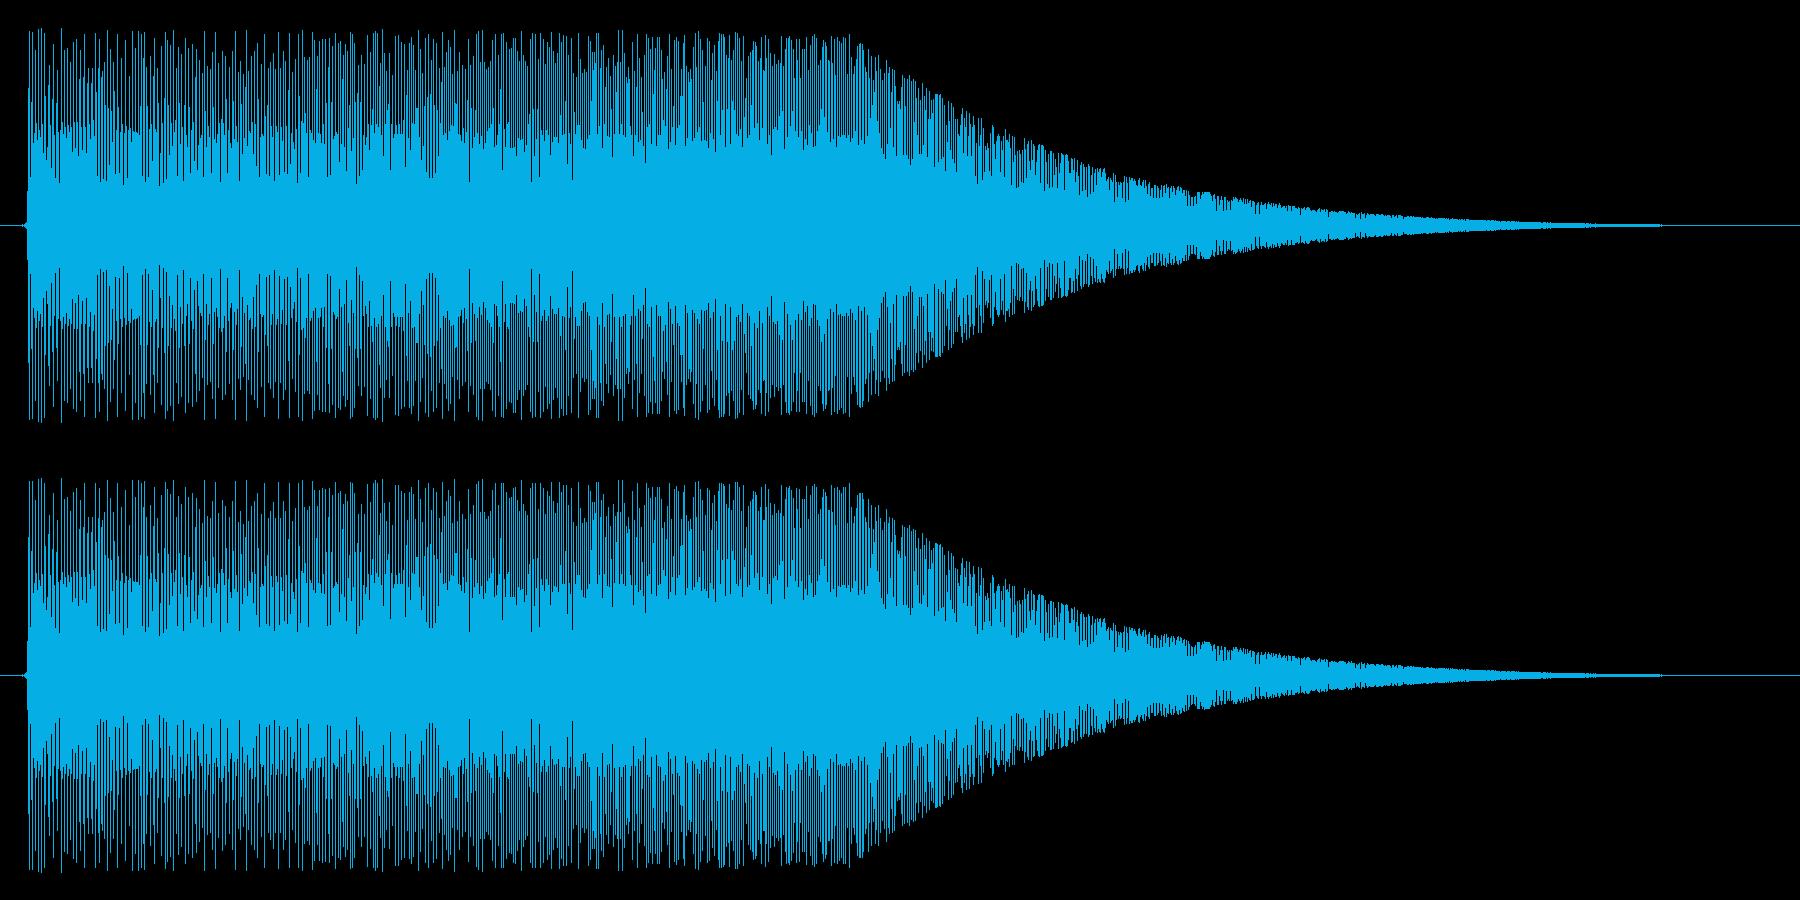 上昇/パワーアップ/メーターの再生済みの波形